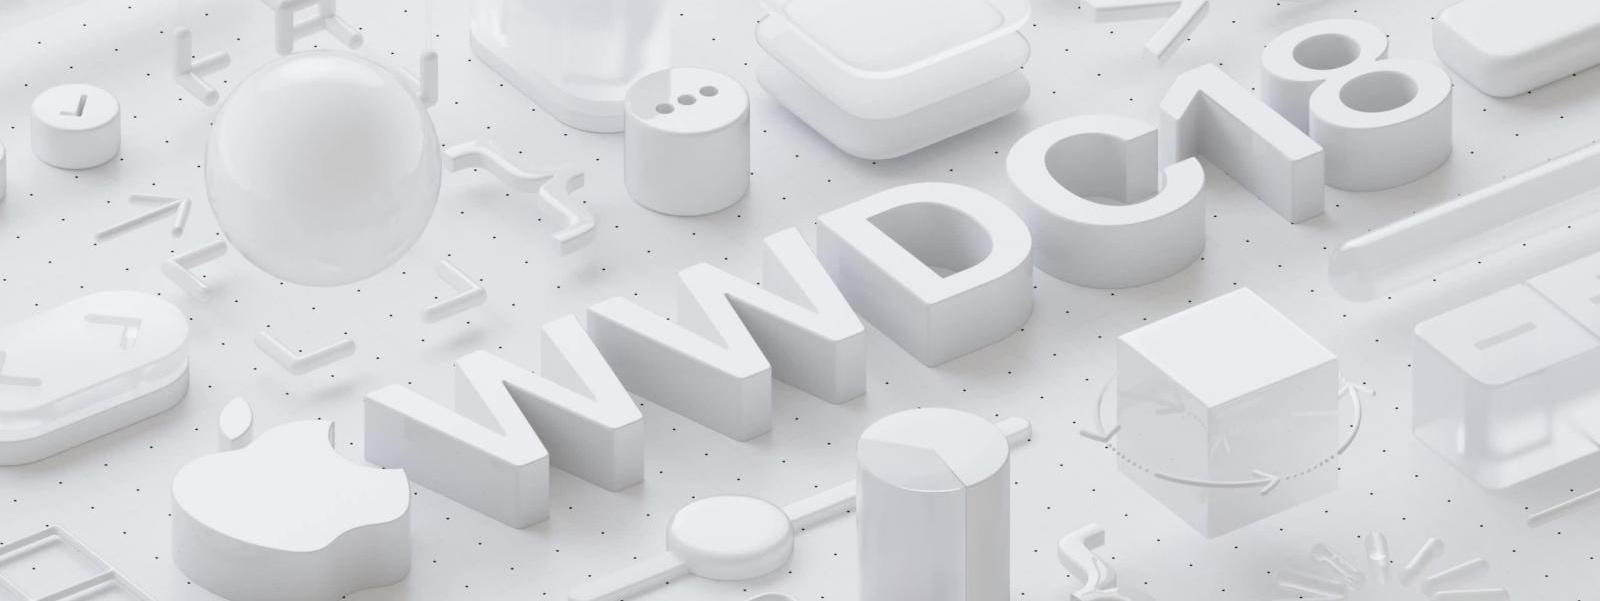 La WWDC 2018 se celebrará del 4 al 8 de junio en San José